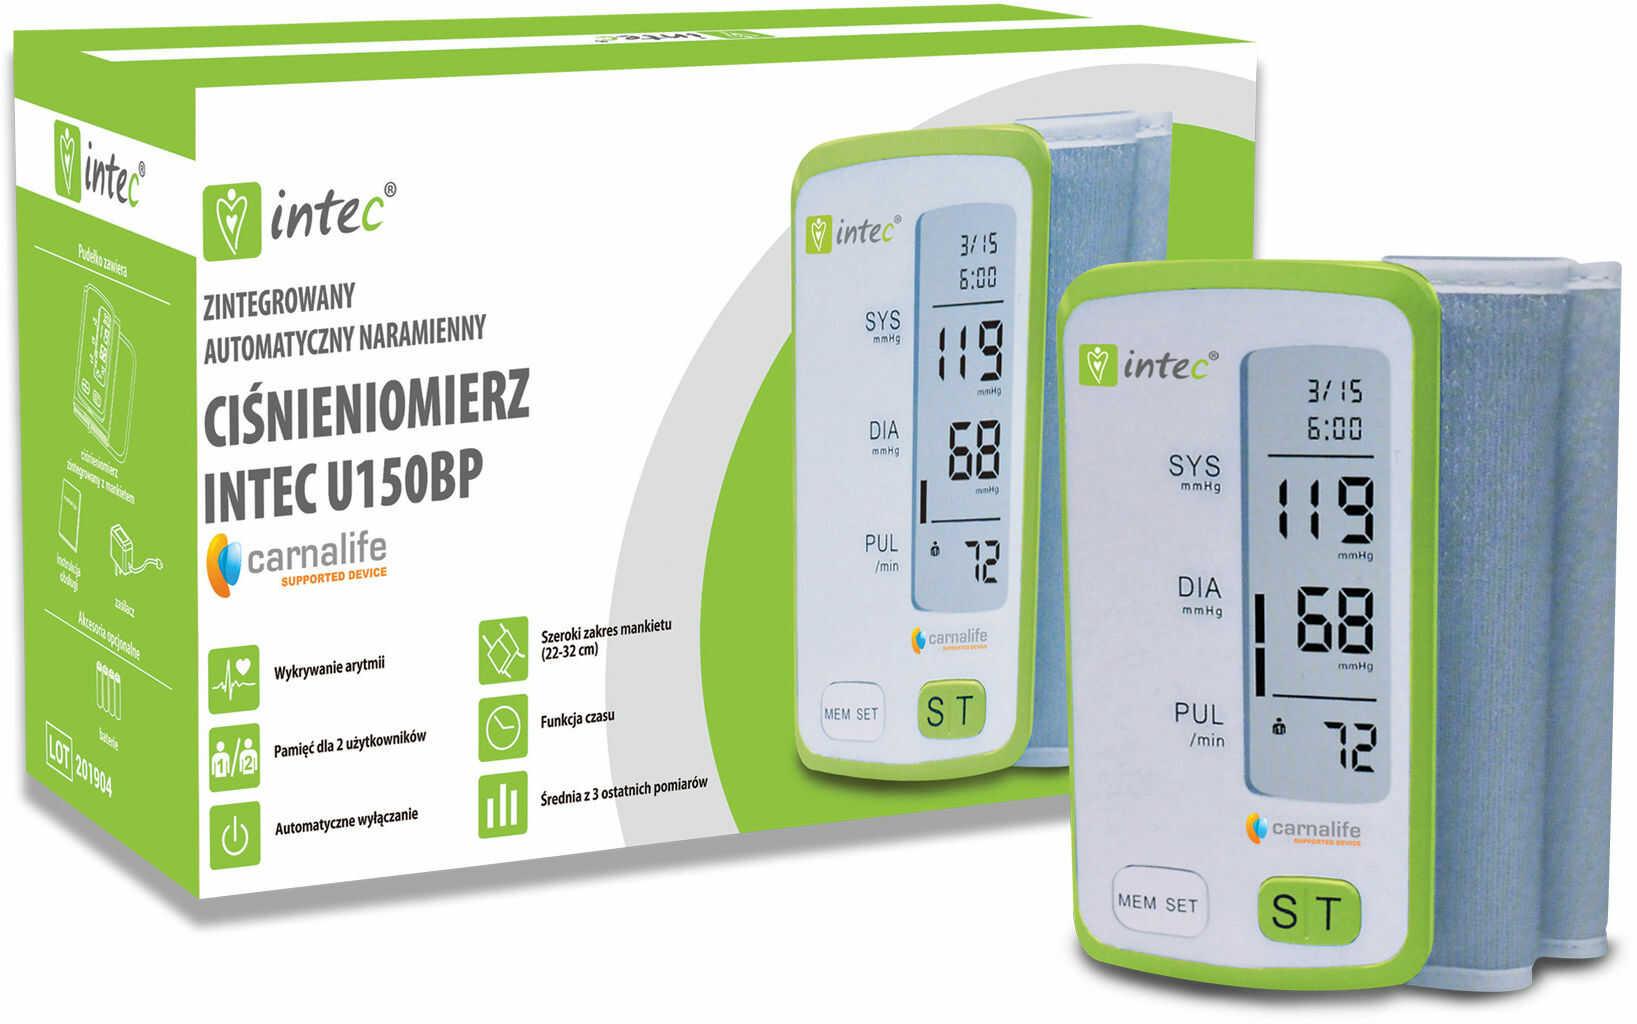 Zintegrowany ciśnieniomierz naramienny INTEC U150BP